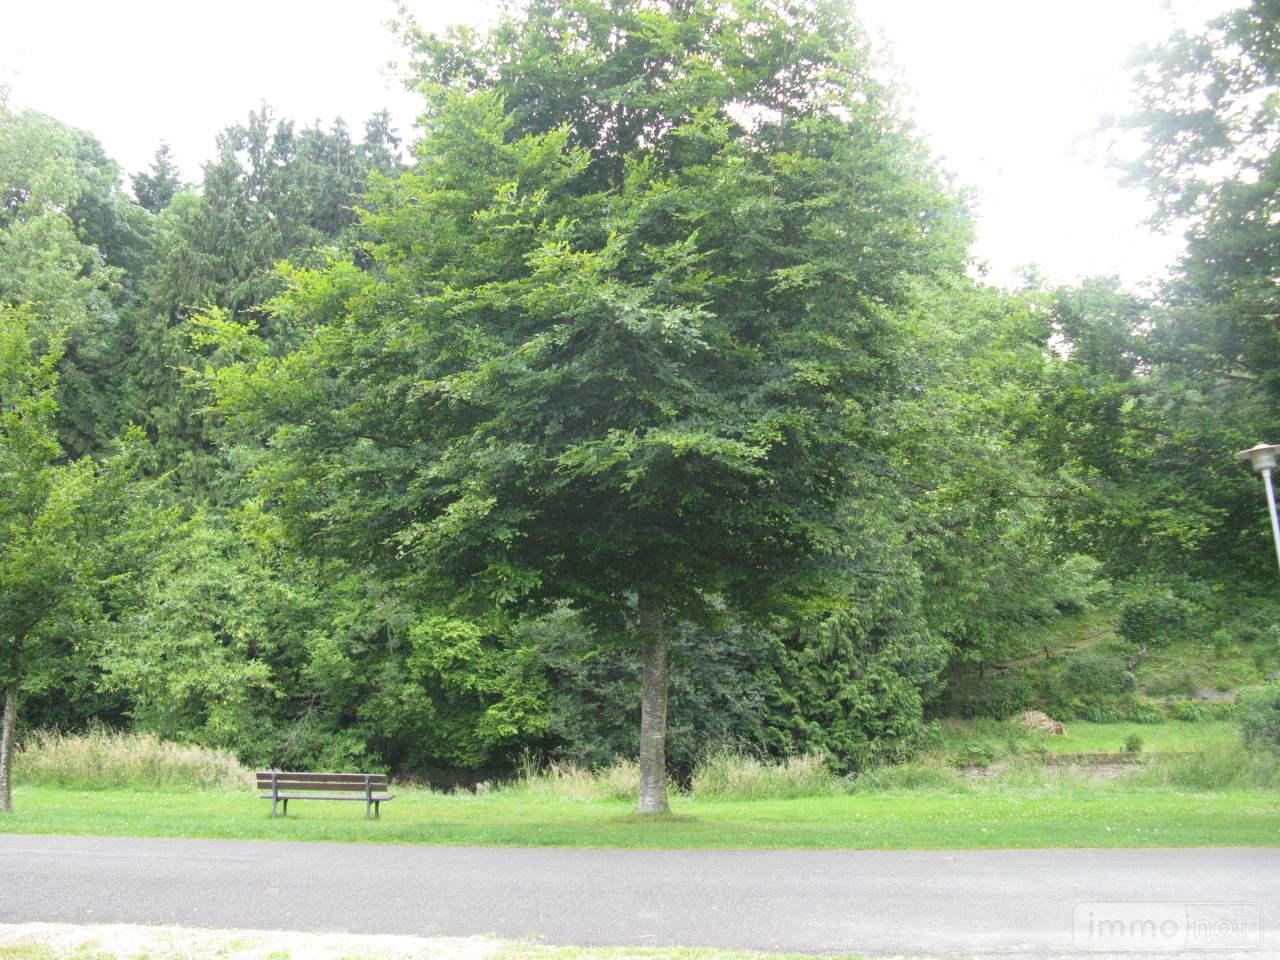 Terrain a batir a vendre Ambrières-les-Vallées 53300 Mayenne 1970 m2  58022 euros